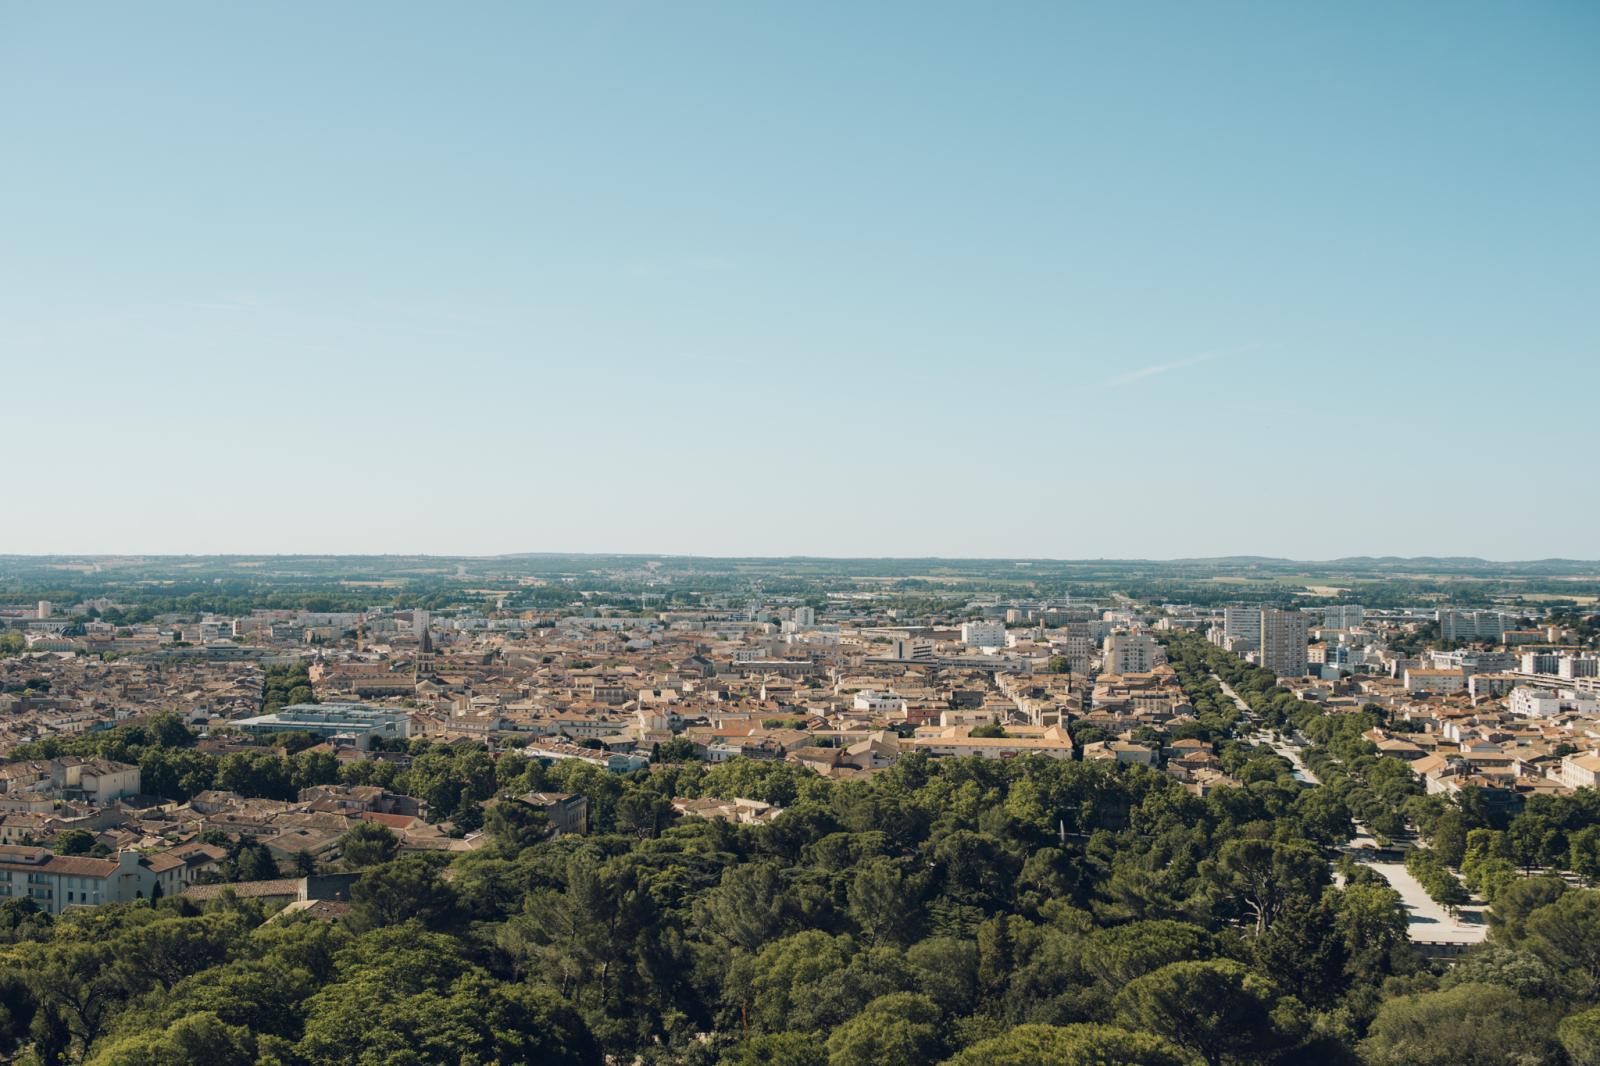 Vue panoramique de la ville de Nîmes